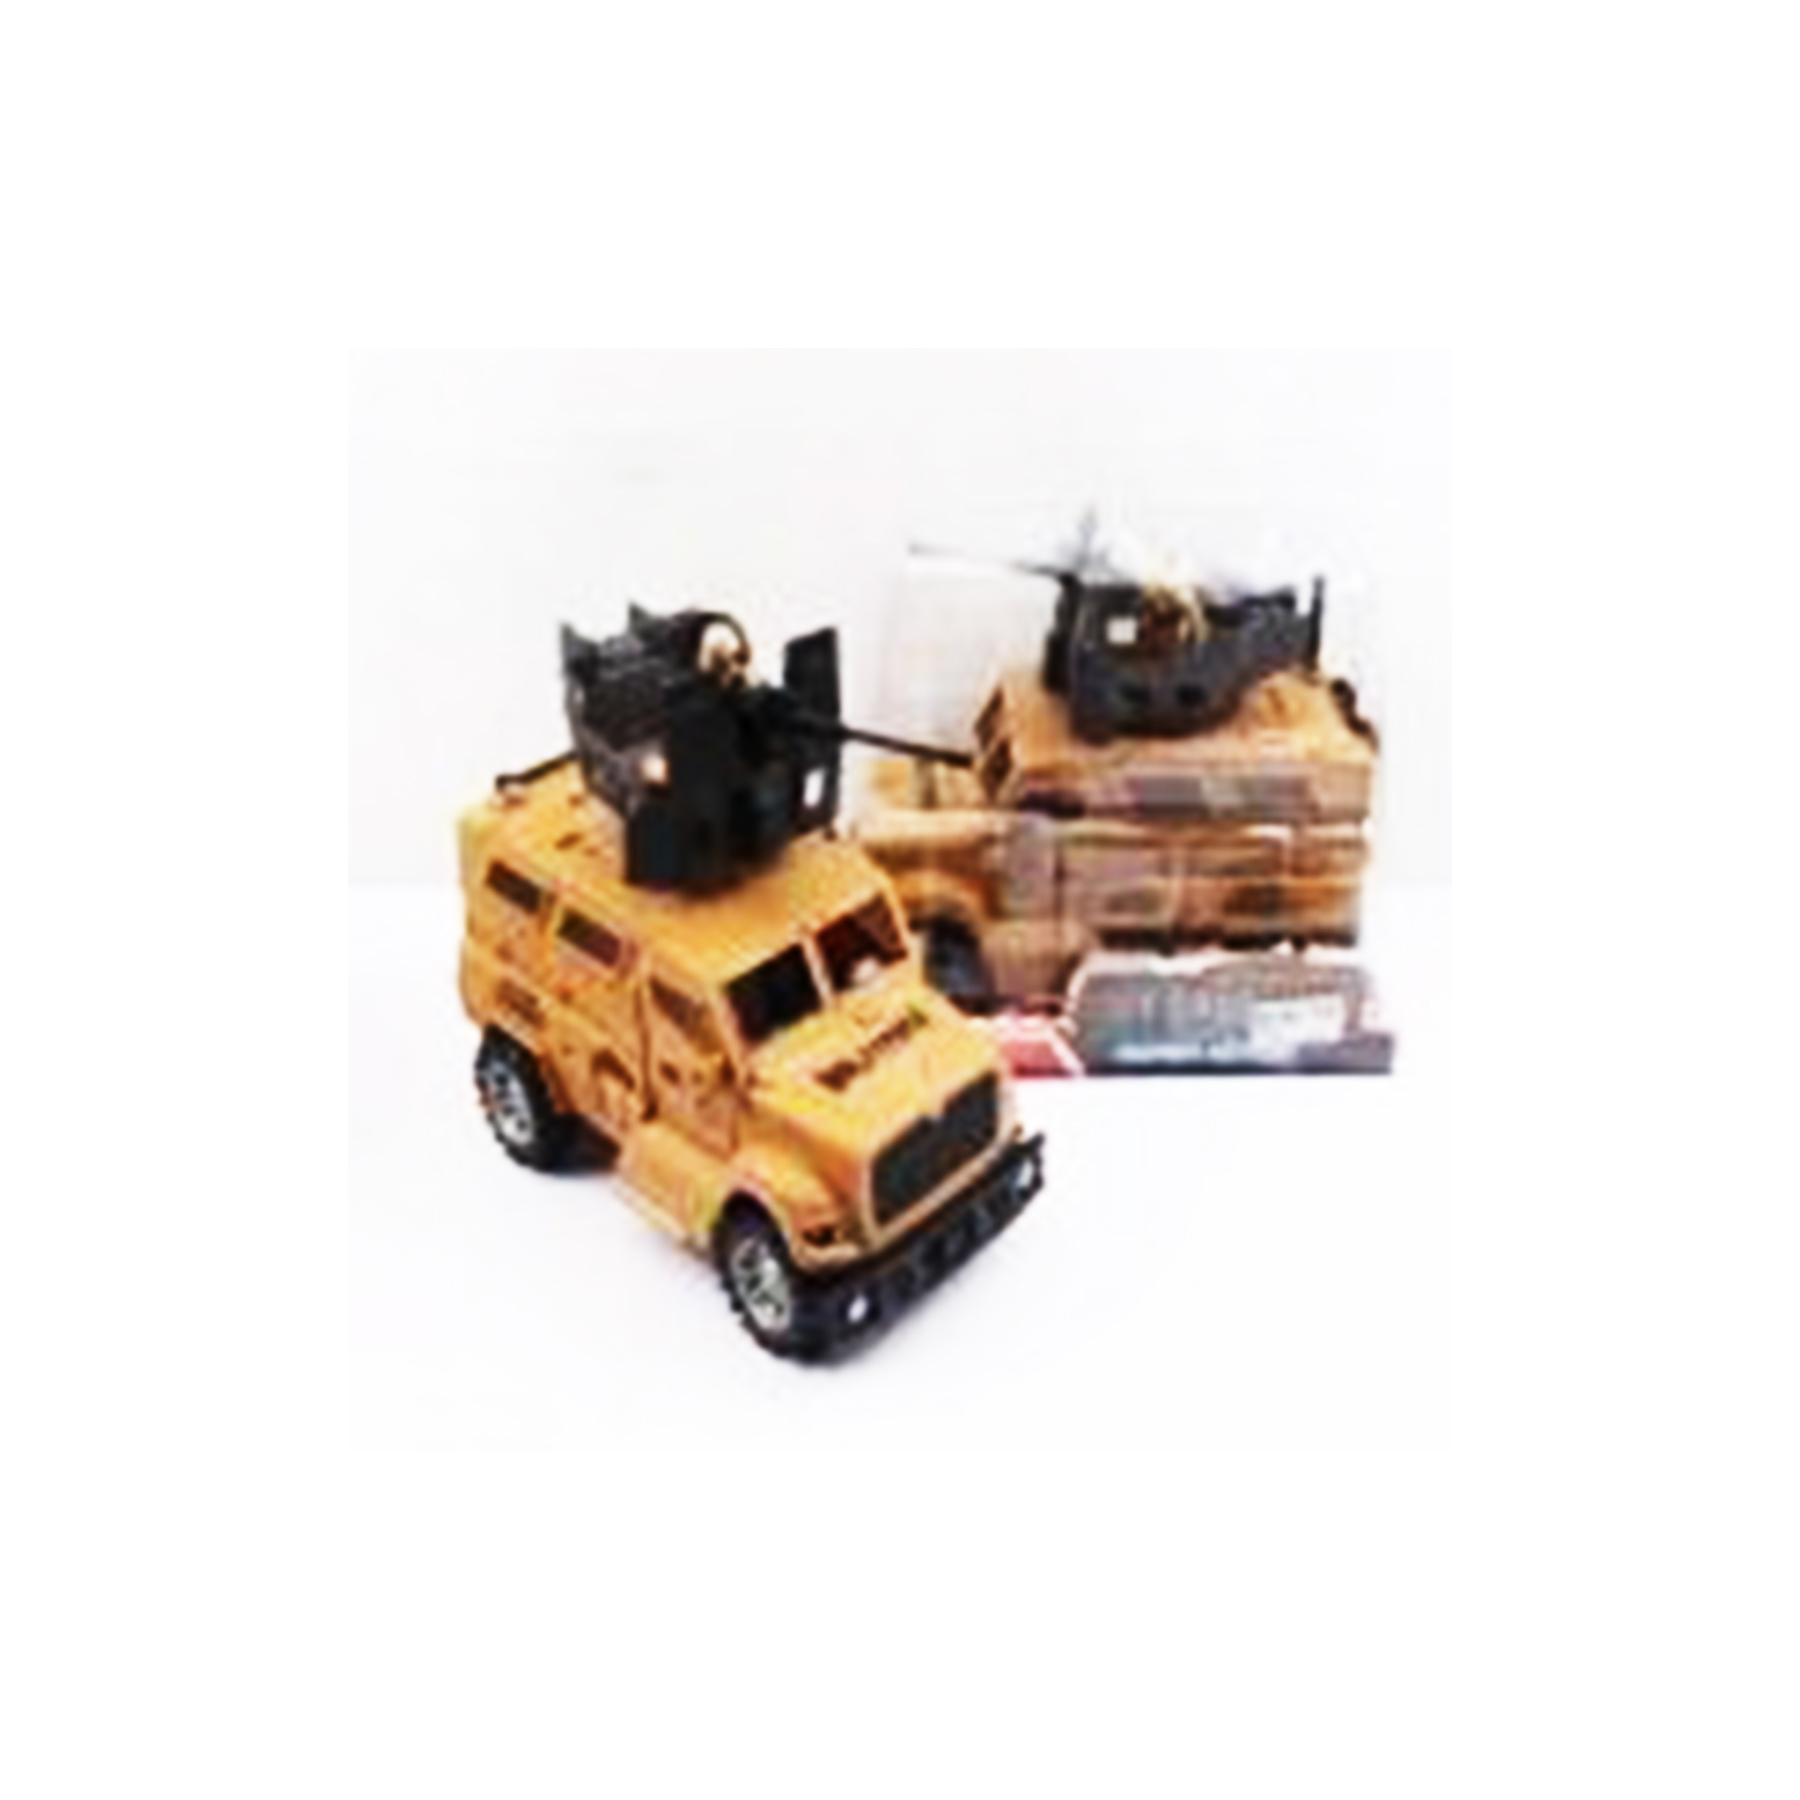 Автомобиль пластмассовый механический 359-8 (480134)